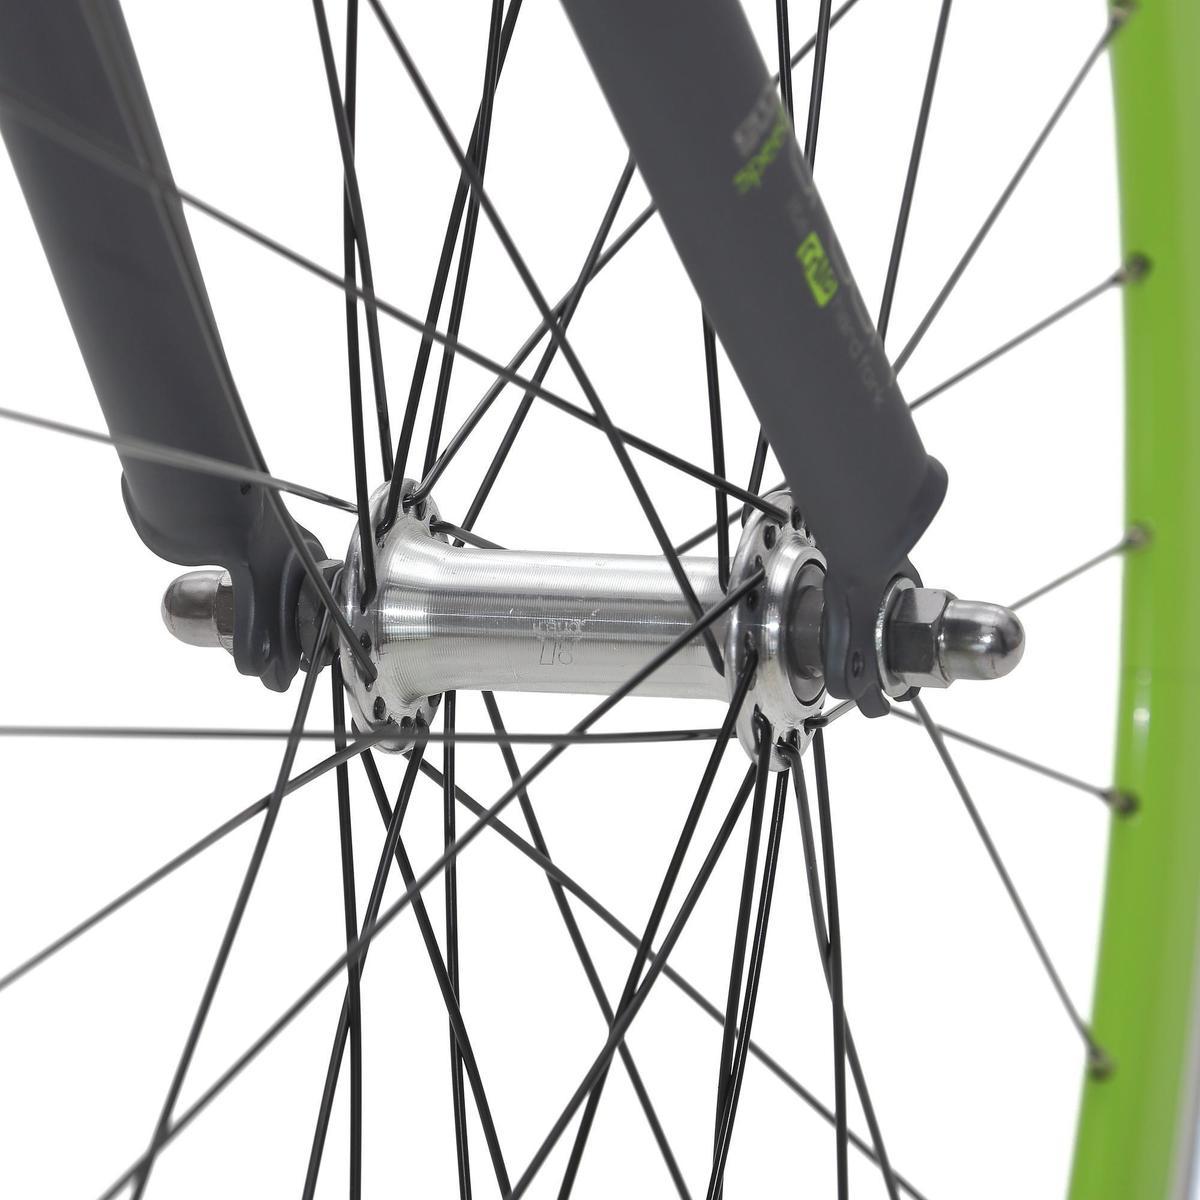 Bild 4 von City-Bike 28 City Speed 500 Nexus 3 mattgrau/neongrün